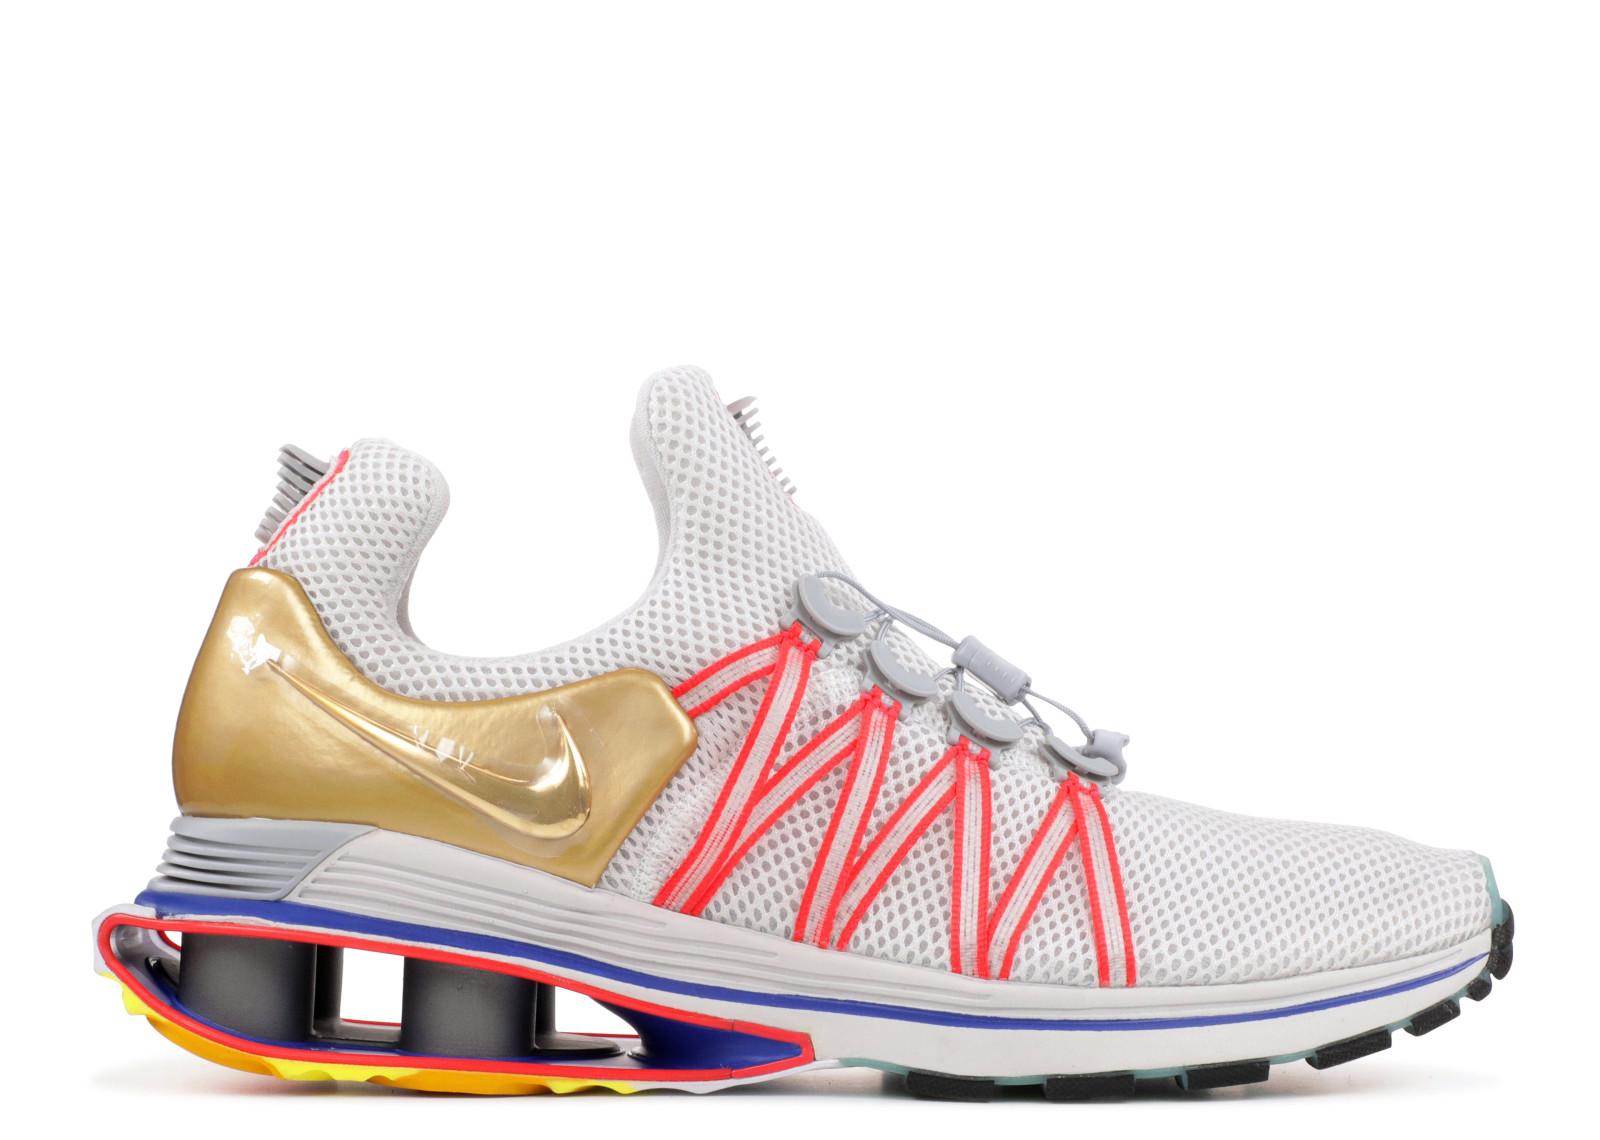 size 40 d6d5a 01ef7 Nike - Men - Nike Shox Gravity - Aq8553-009 - Size 11.5